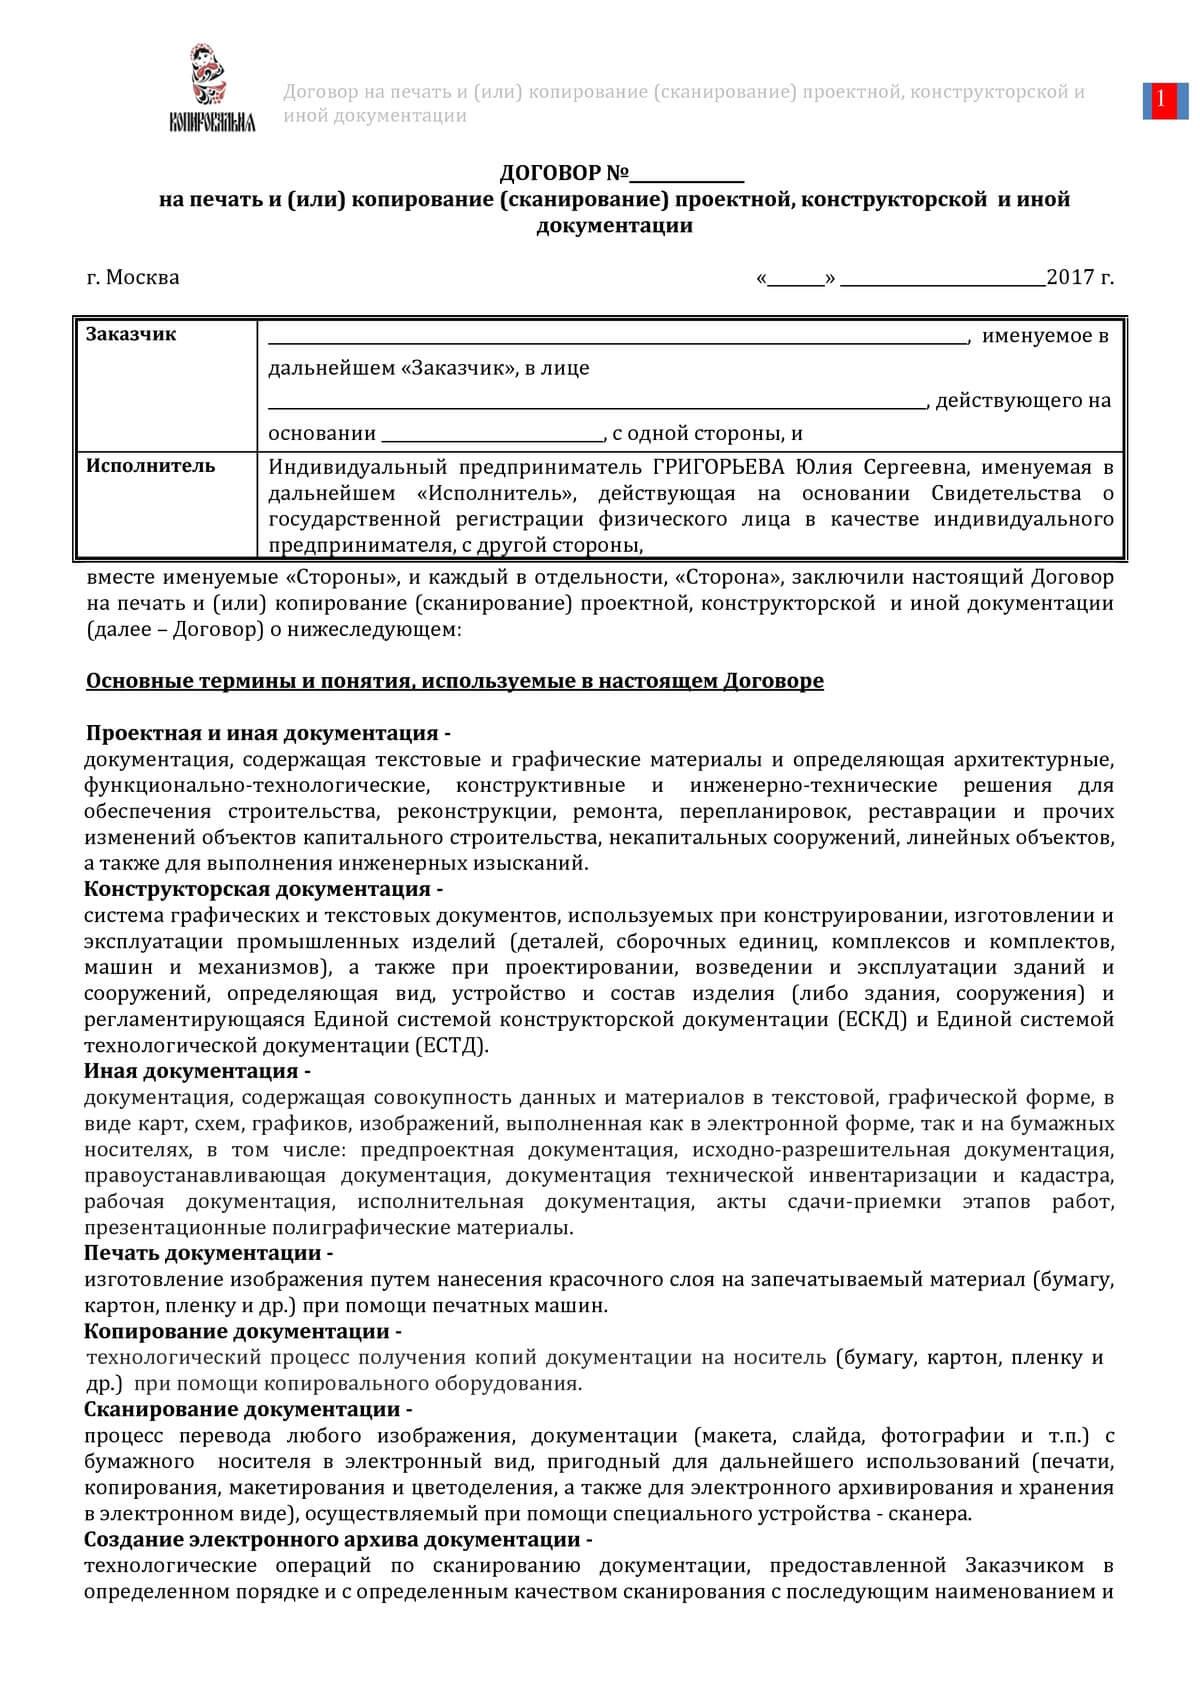 tdogovor-0